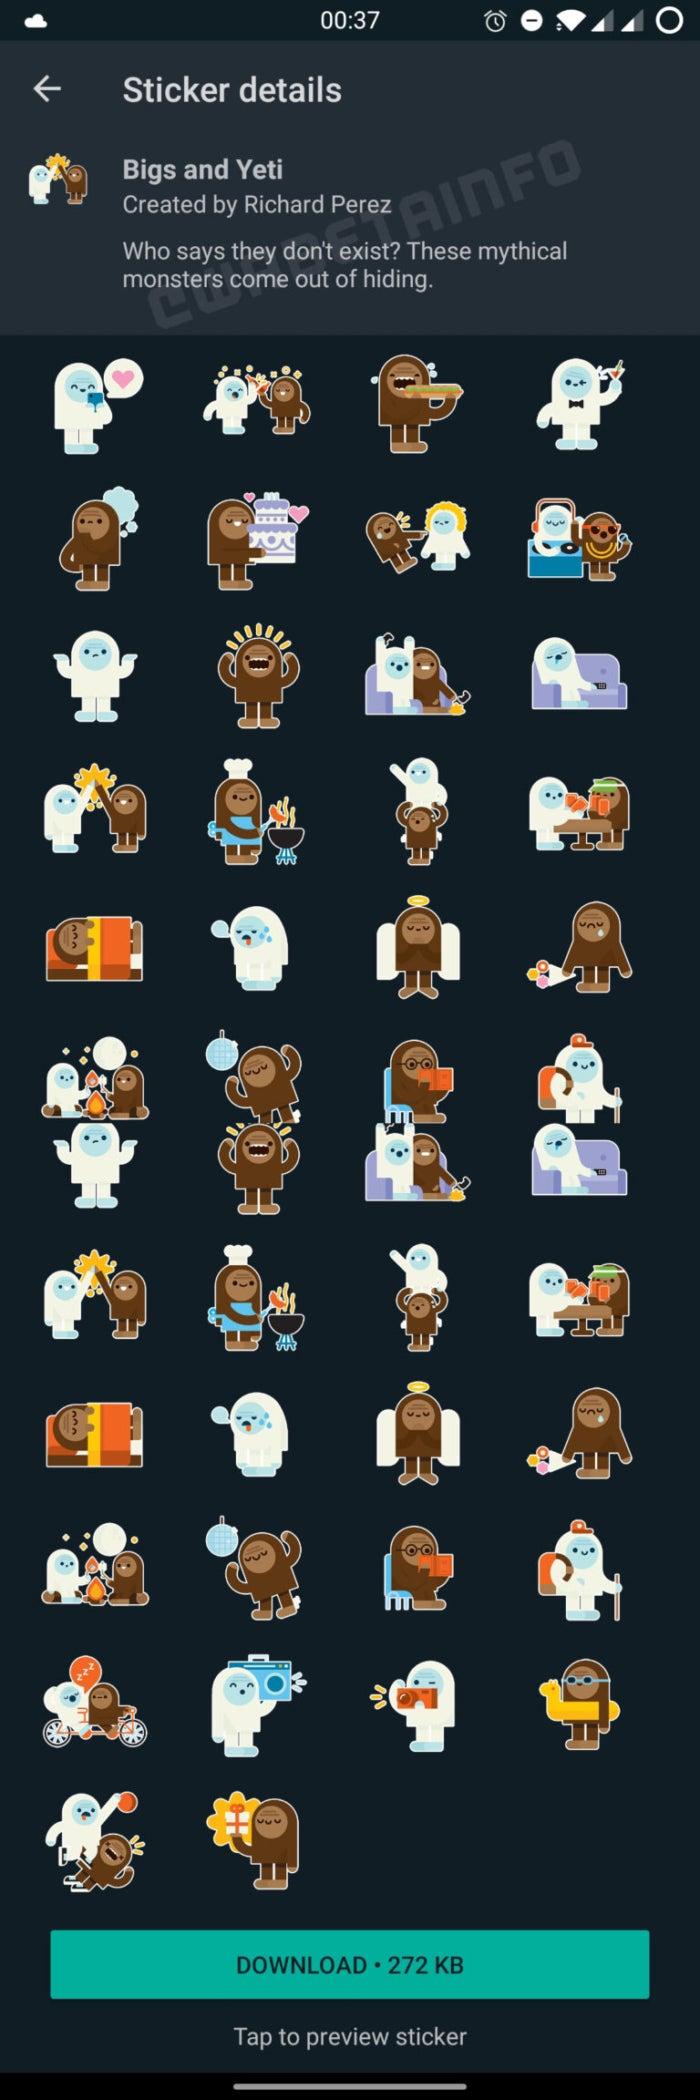 Les nouveaux stickers de Bigs et du Yeti pour WhatsApp